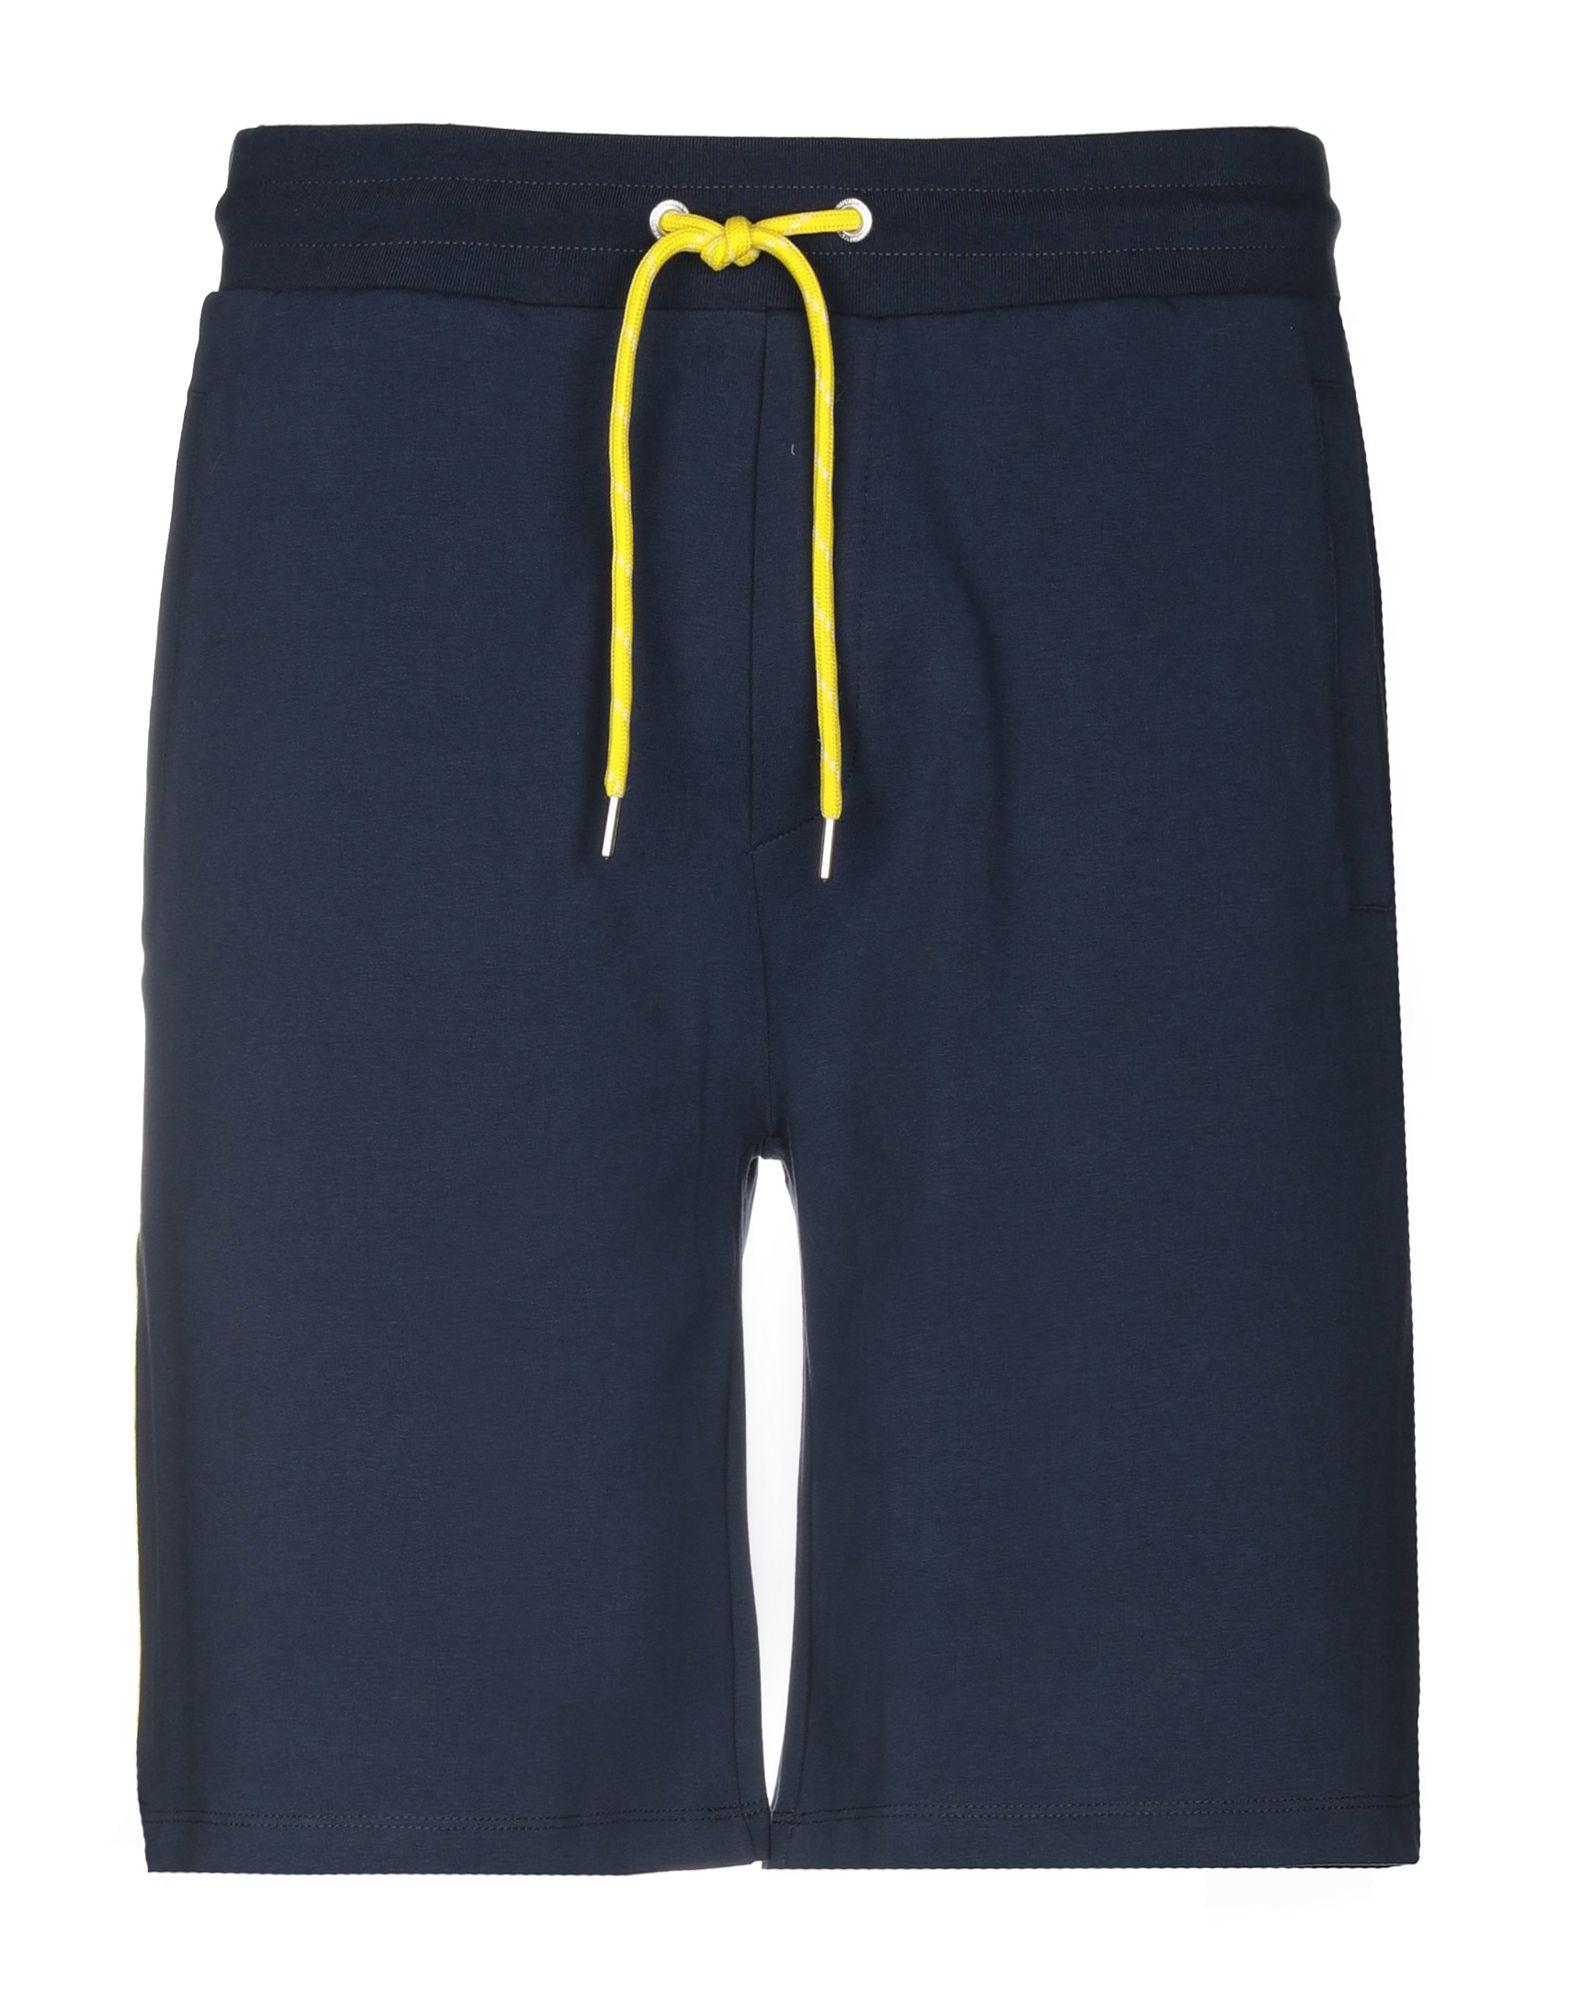 Pantalone Pantalone Pantalone Felpa Bikkembergs uomo - 13243227AX 666